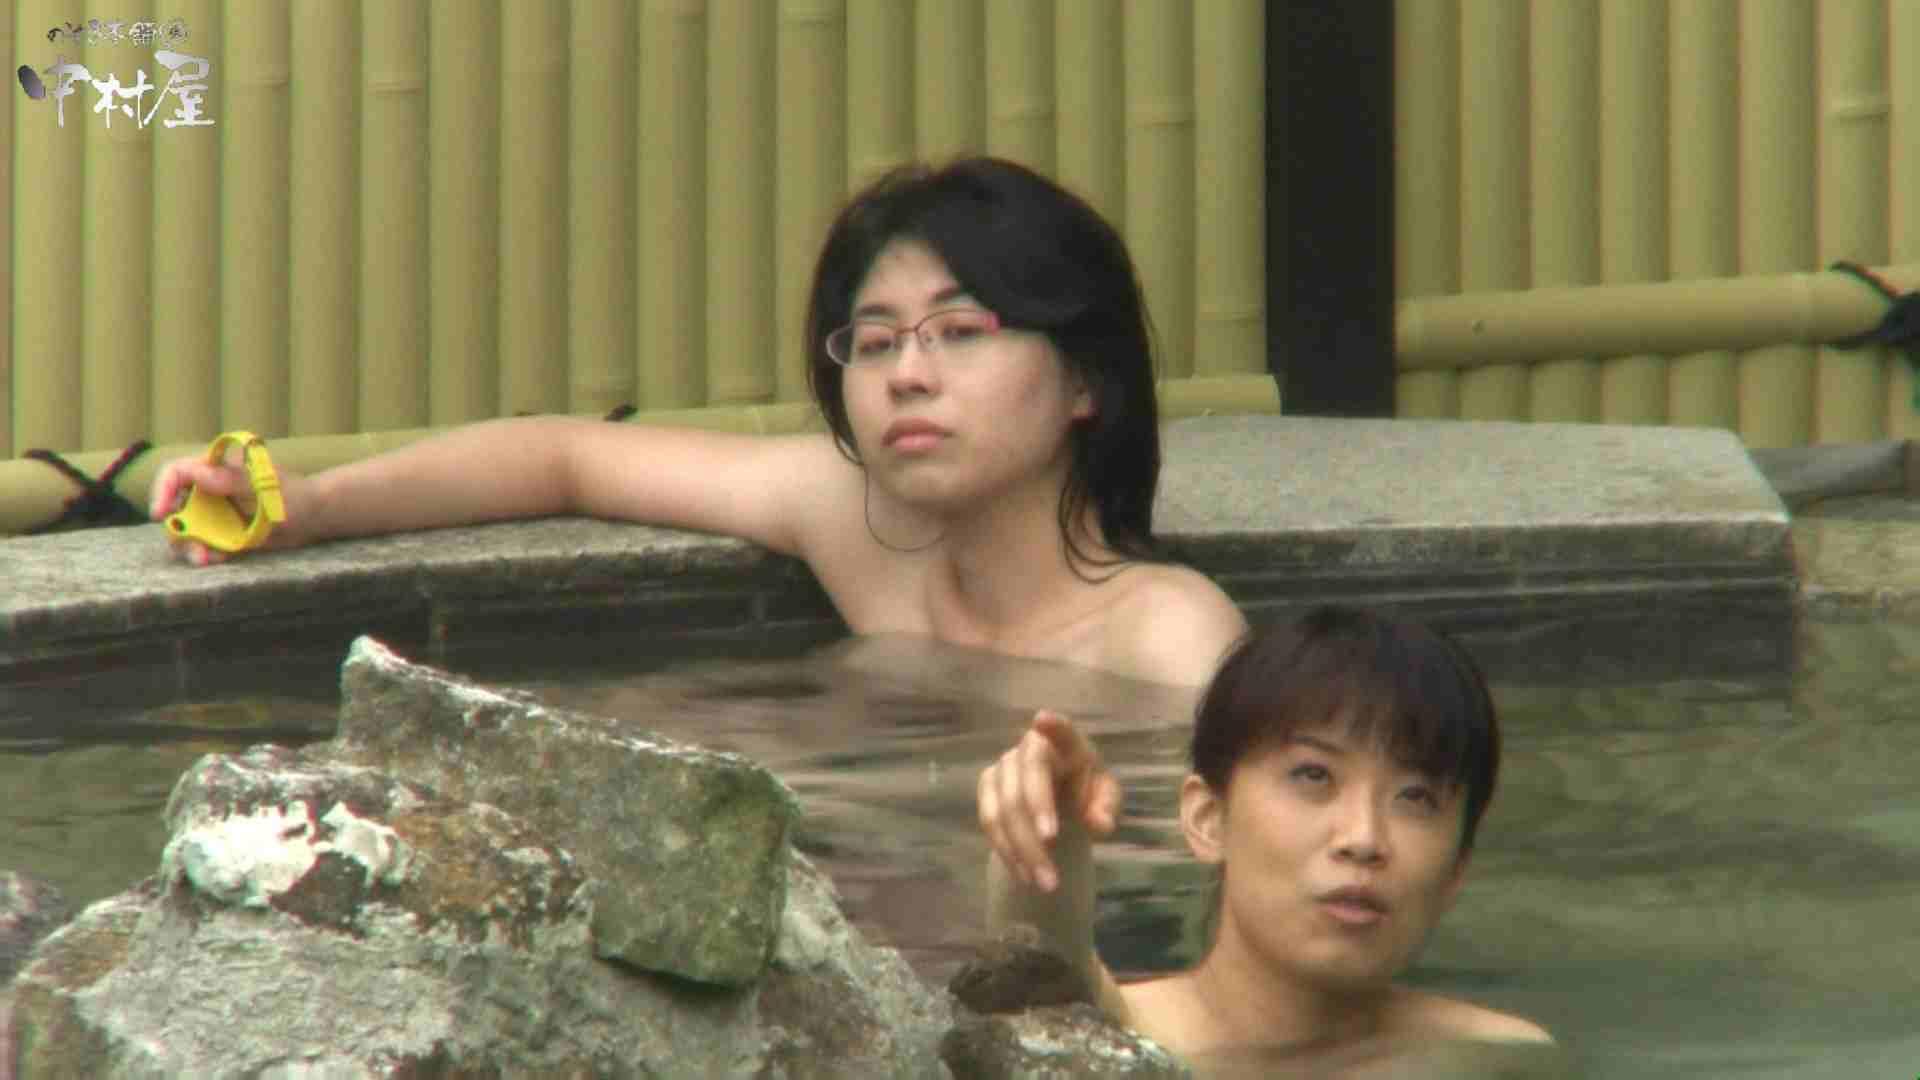 Aquaな露天風呂Vol.947 綺麗なOLたち おまんこ動画流出 111枚 83